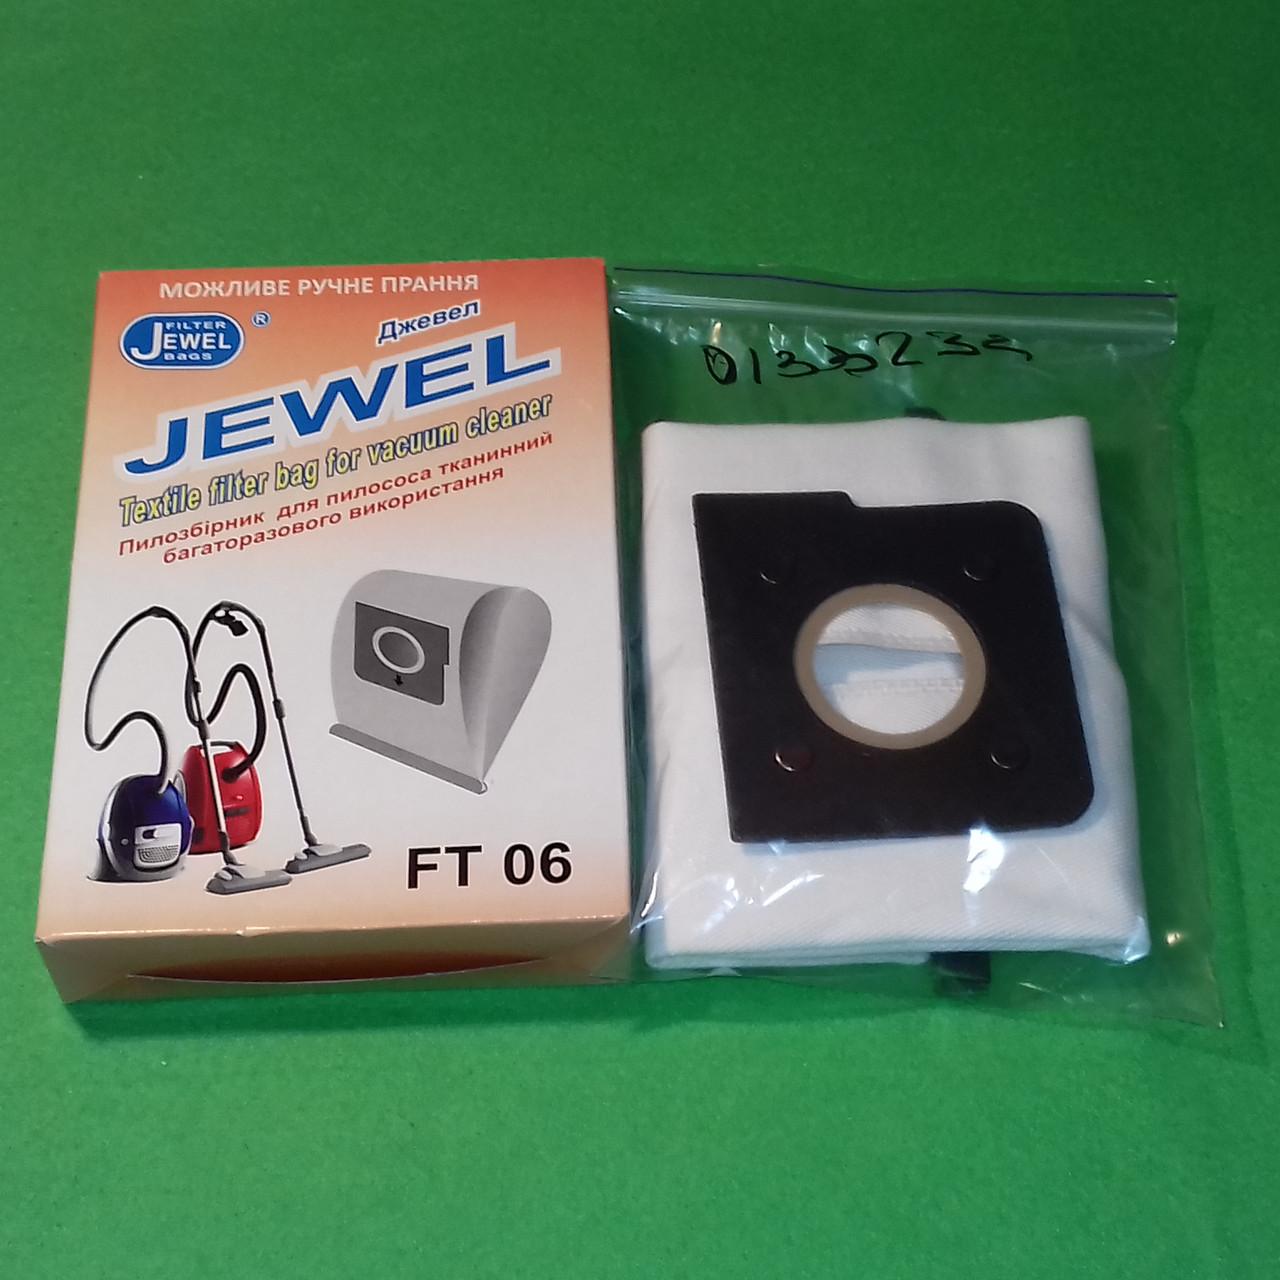 Многоразовый тканевый мешок Jewell FT-06 для пылесосов LG (V-3900 D, V-3900 T и т.д